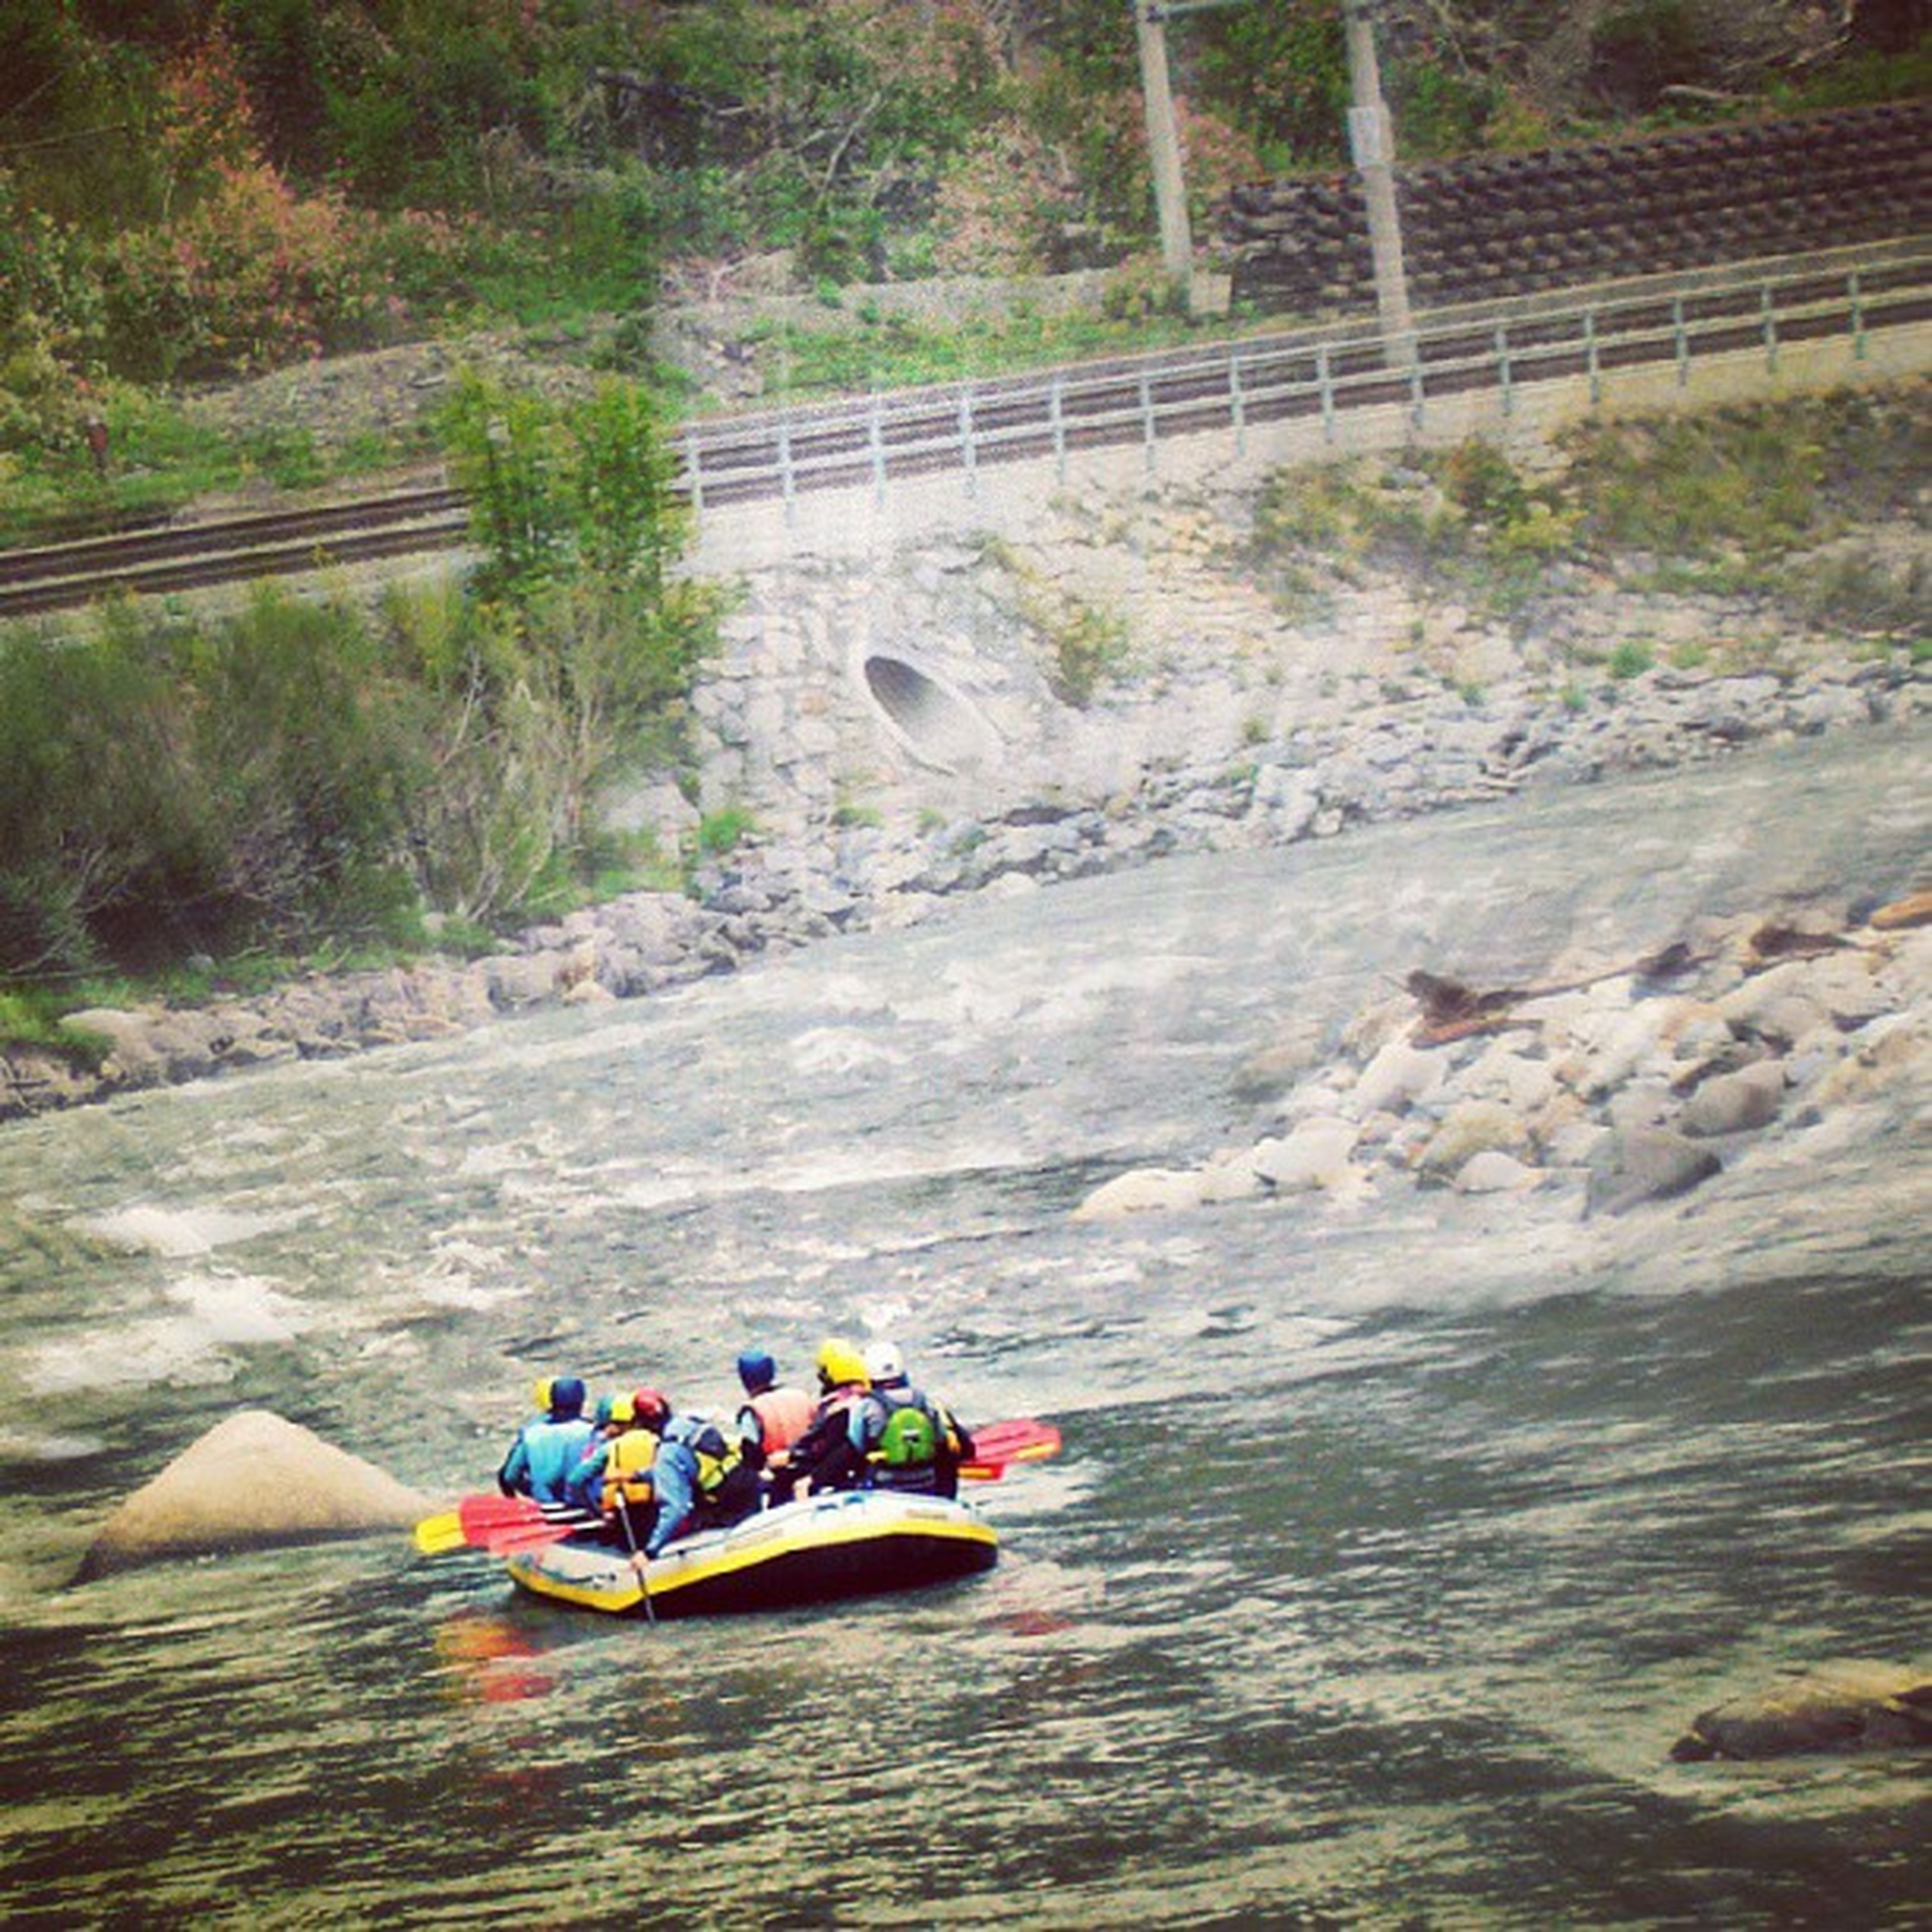 Wildwasserrafting Österreich Taxenbach Rafting sommerurlaub fun wasser